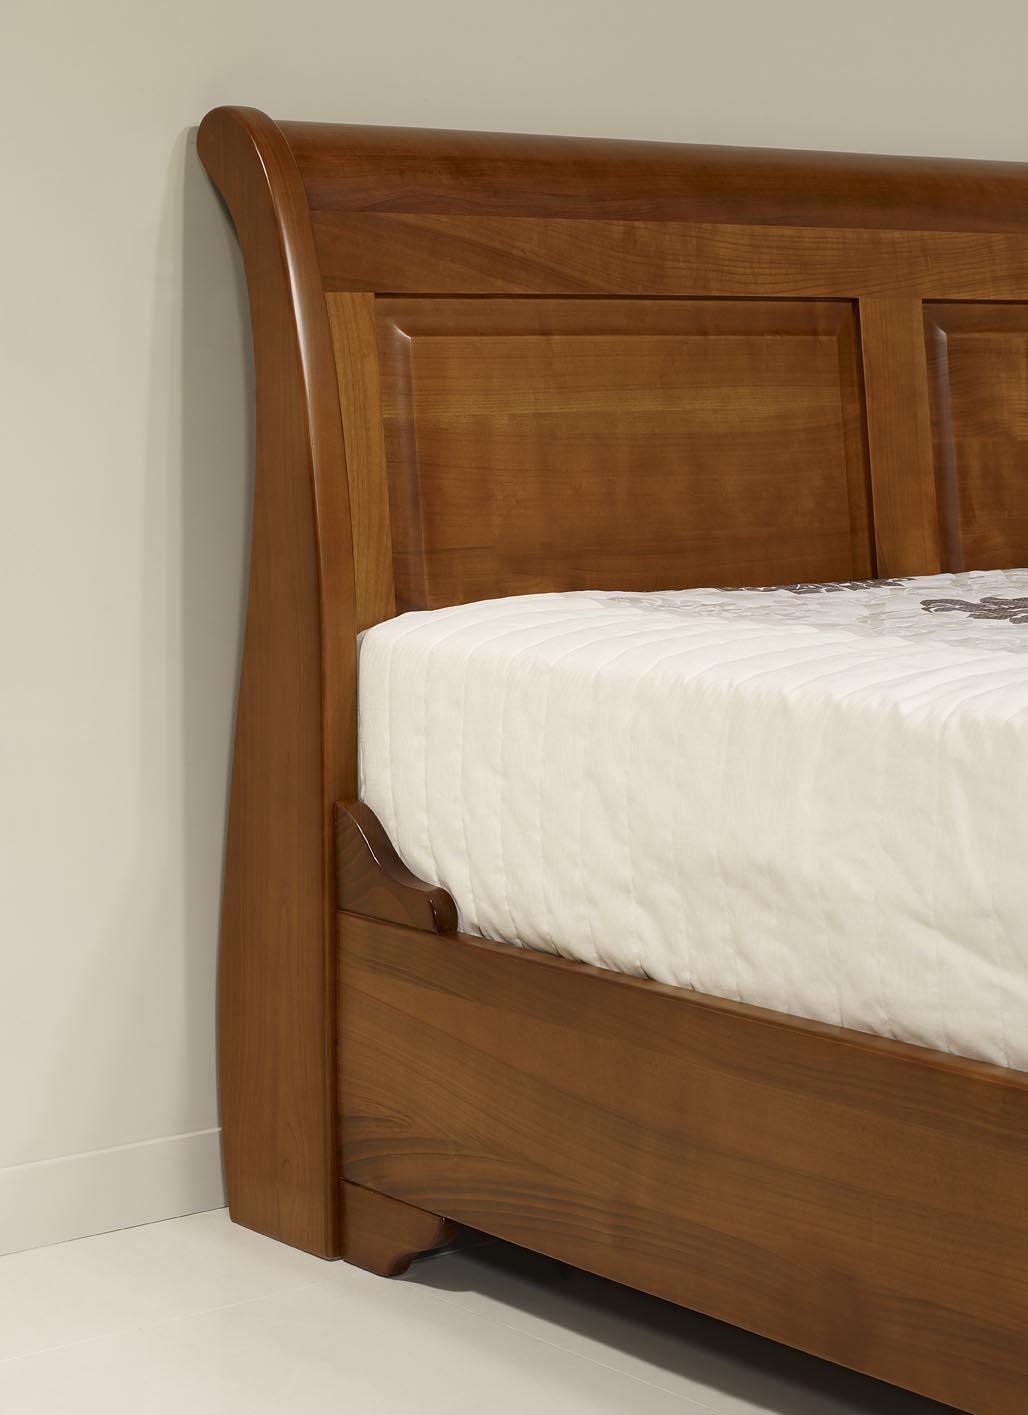 lit bateau jean christian en merisier massif 140x190 de style louis philippe meuble en. Black Bedroom Furniture Sets. Home Design Ideas